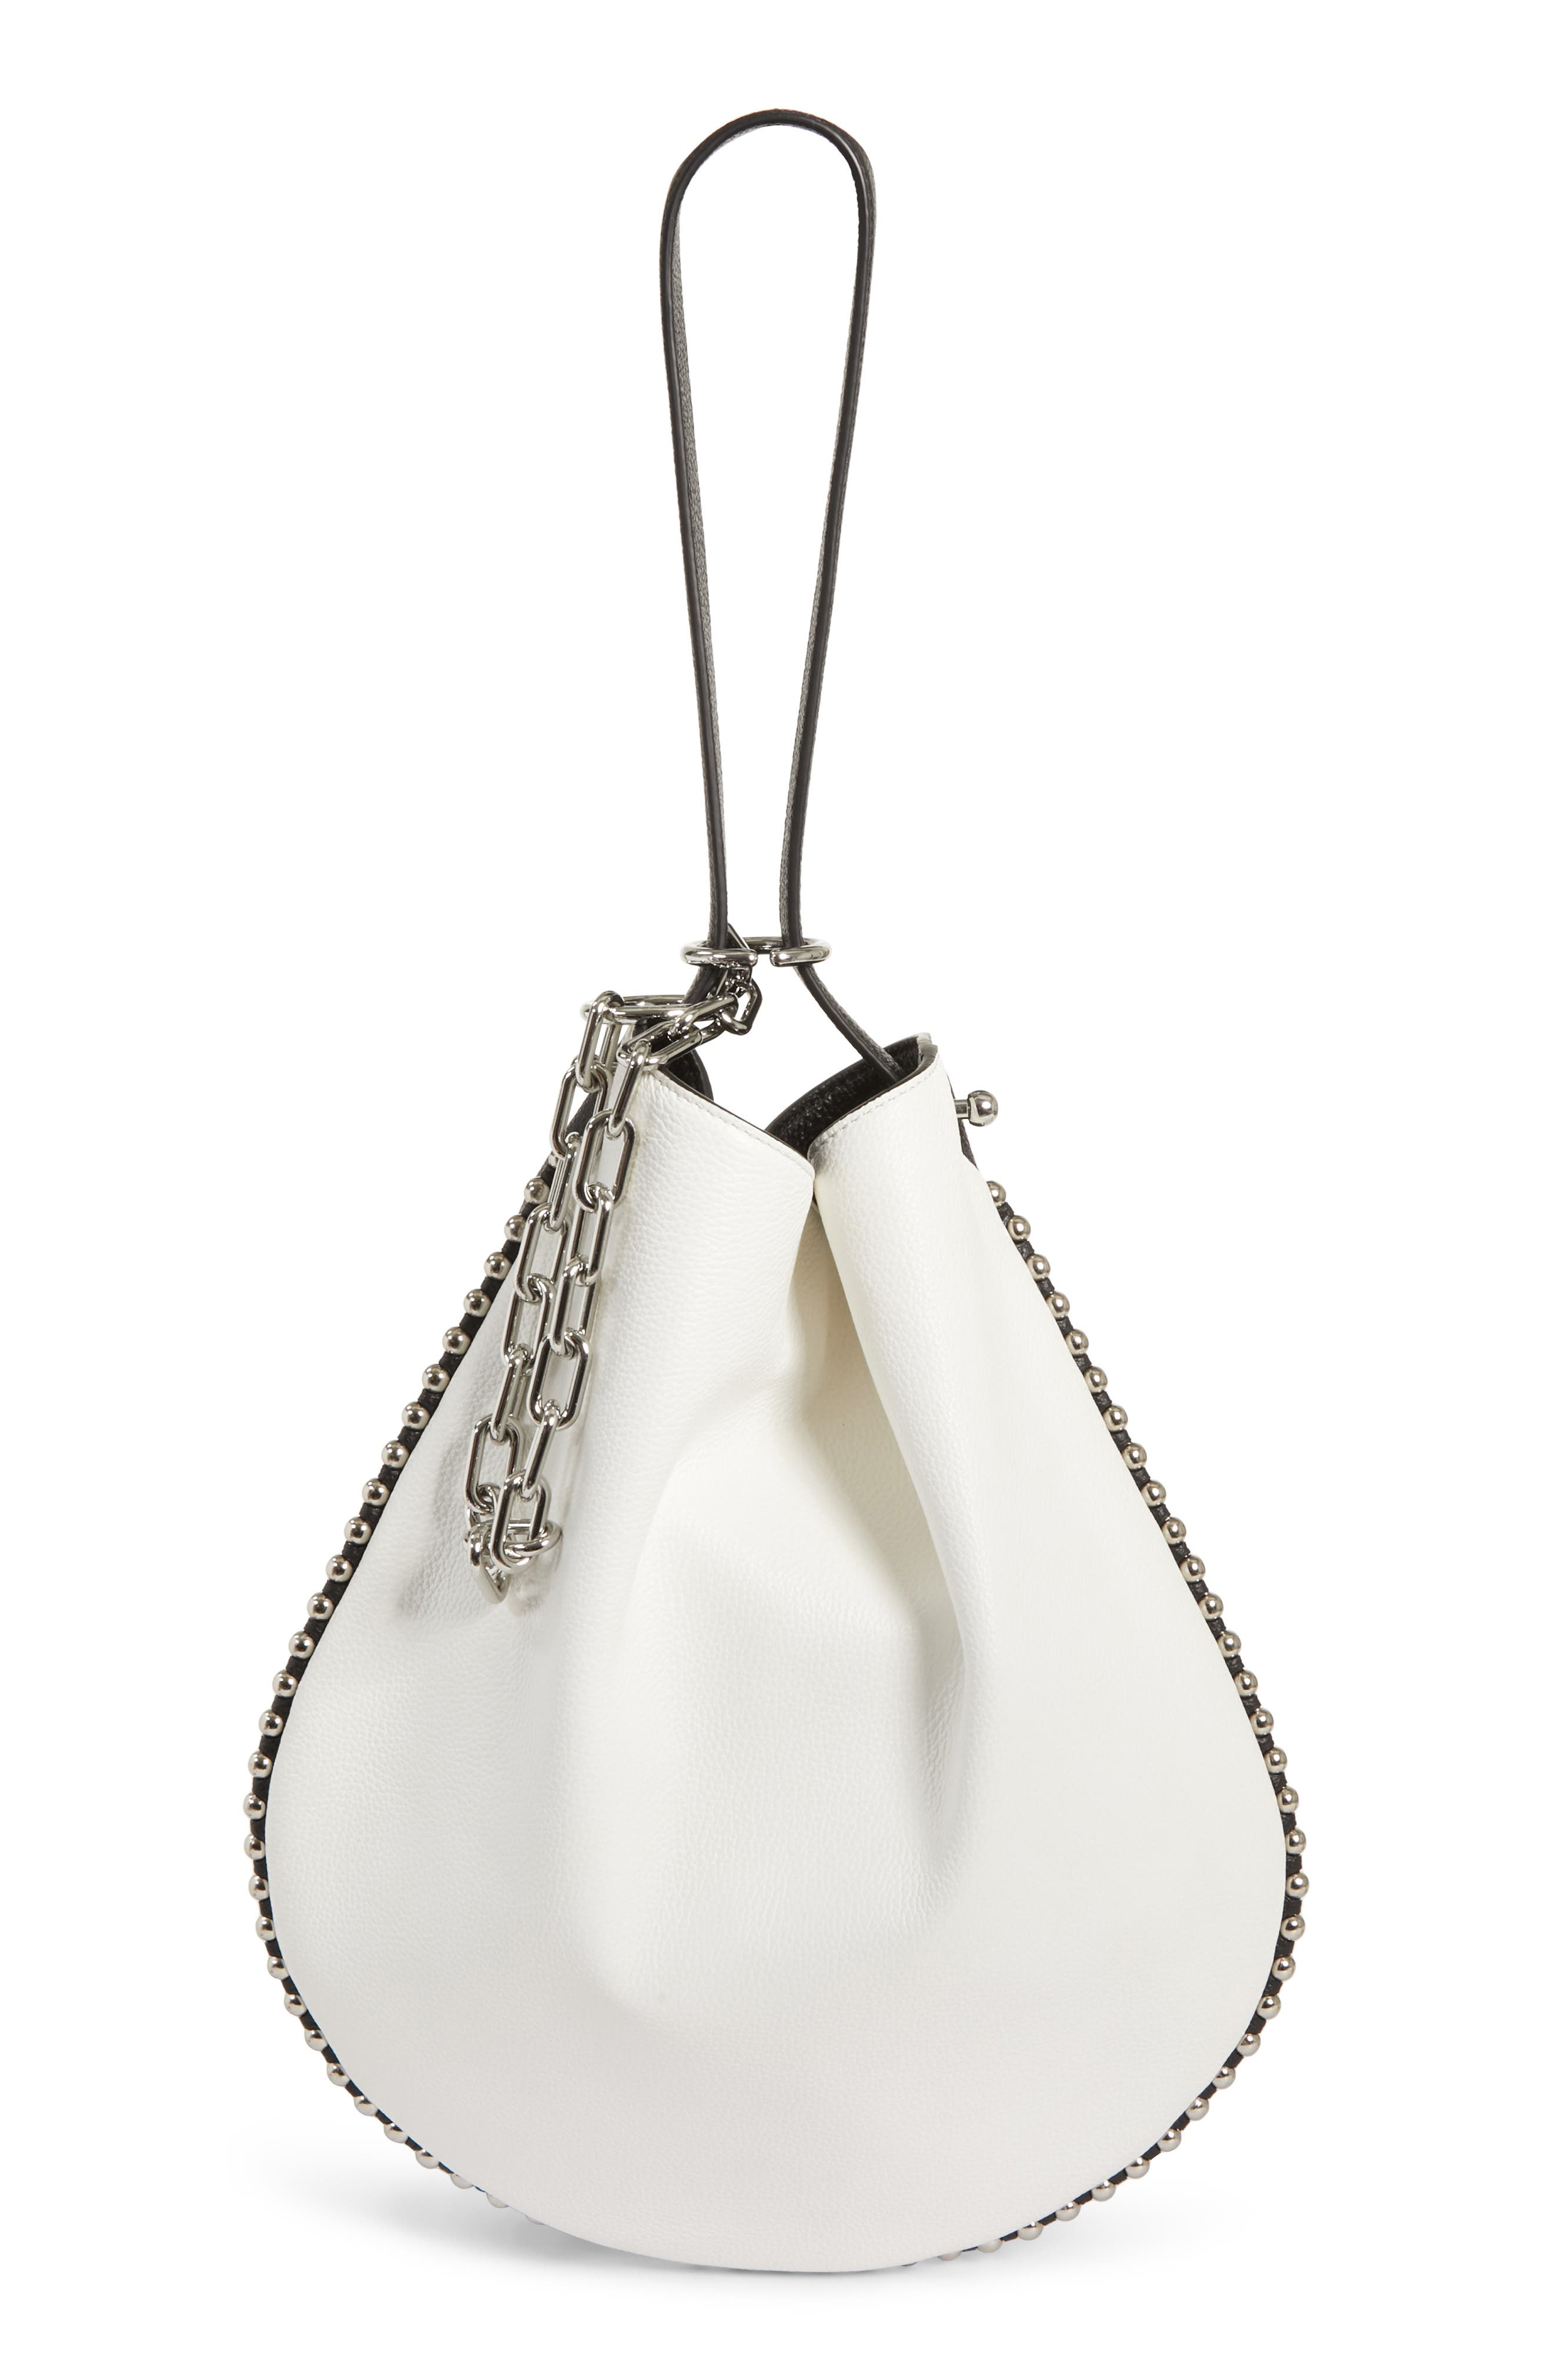 Roxy Hobo Bicolor Pebbled-Leather Shoulder Bag in Bianco